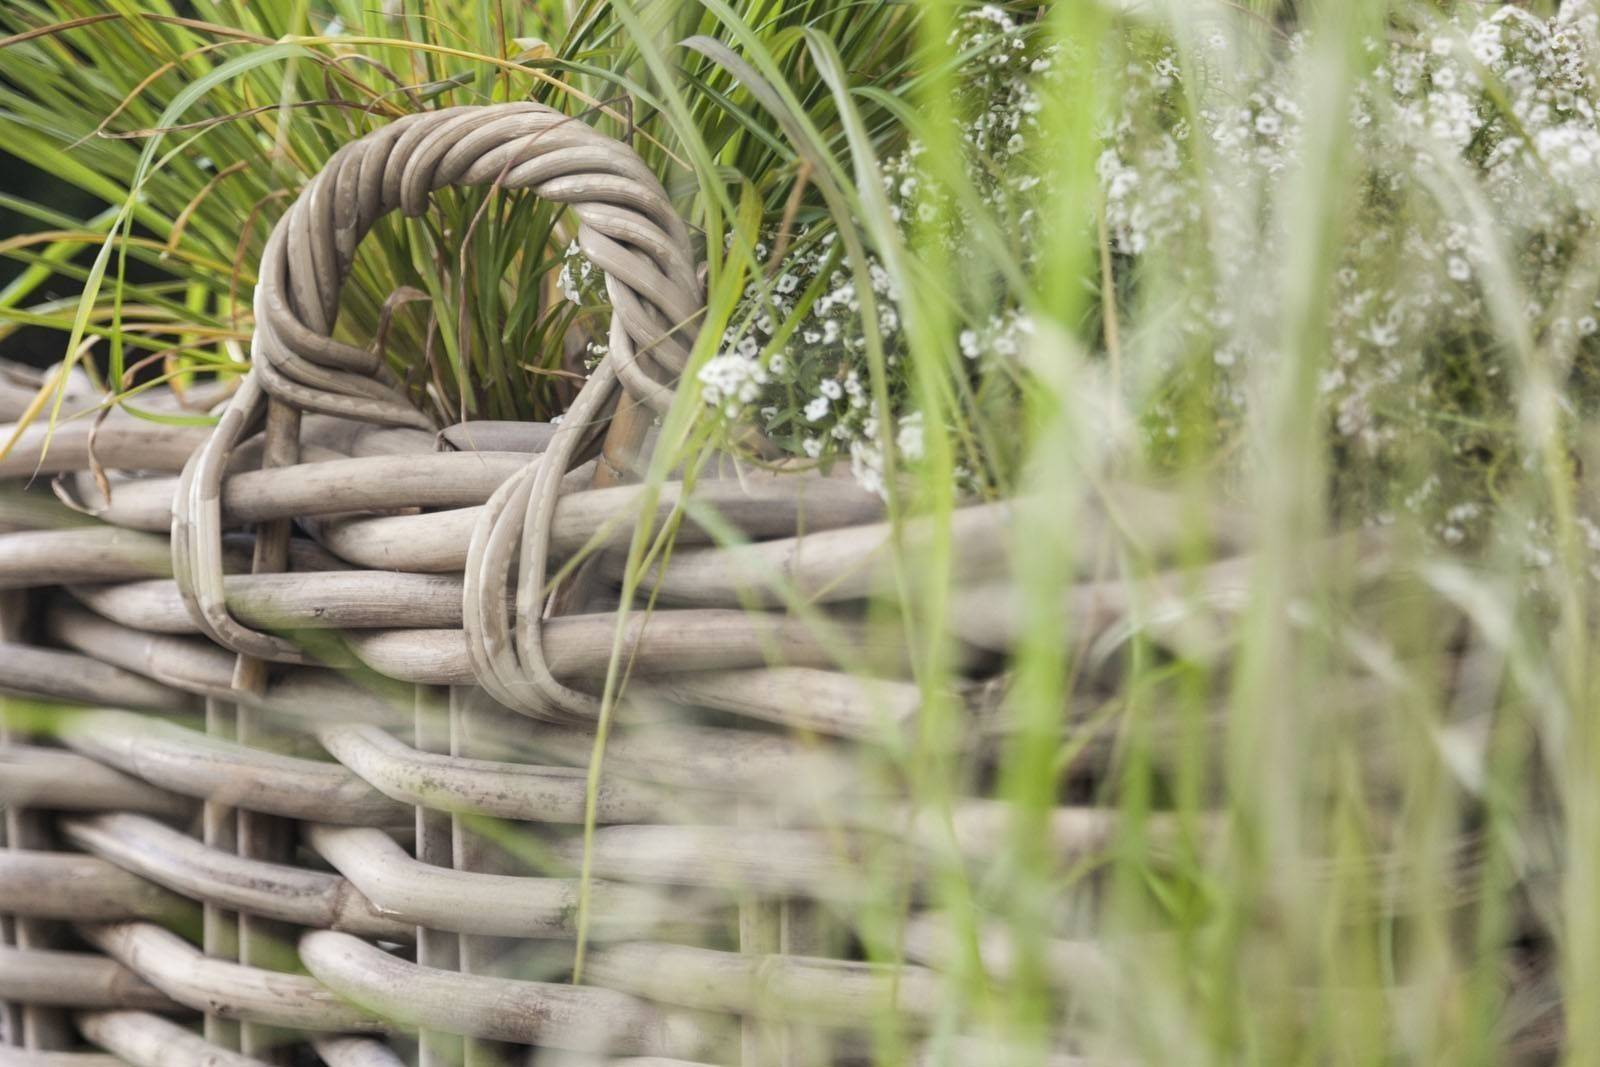 Záhradný ratanový kvetináč NARBONNE 65x65 výška55cm natur